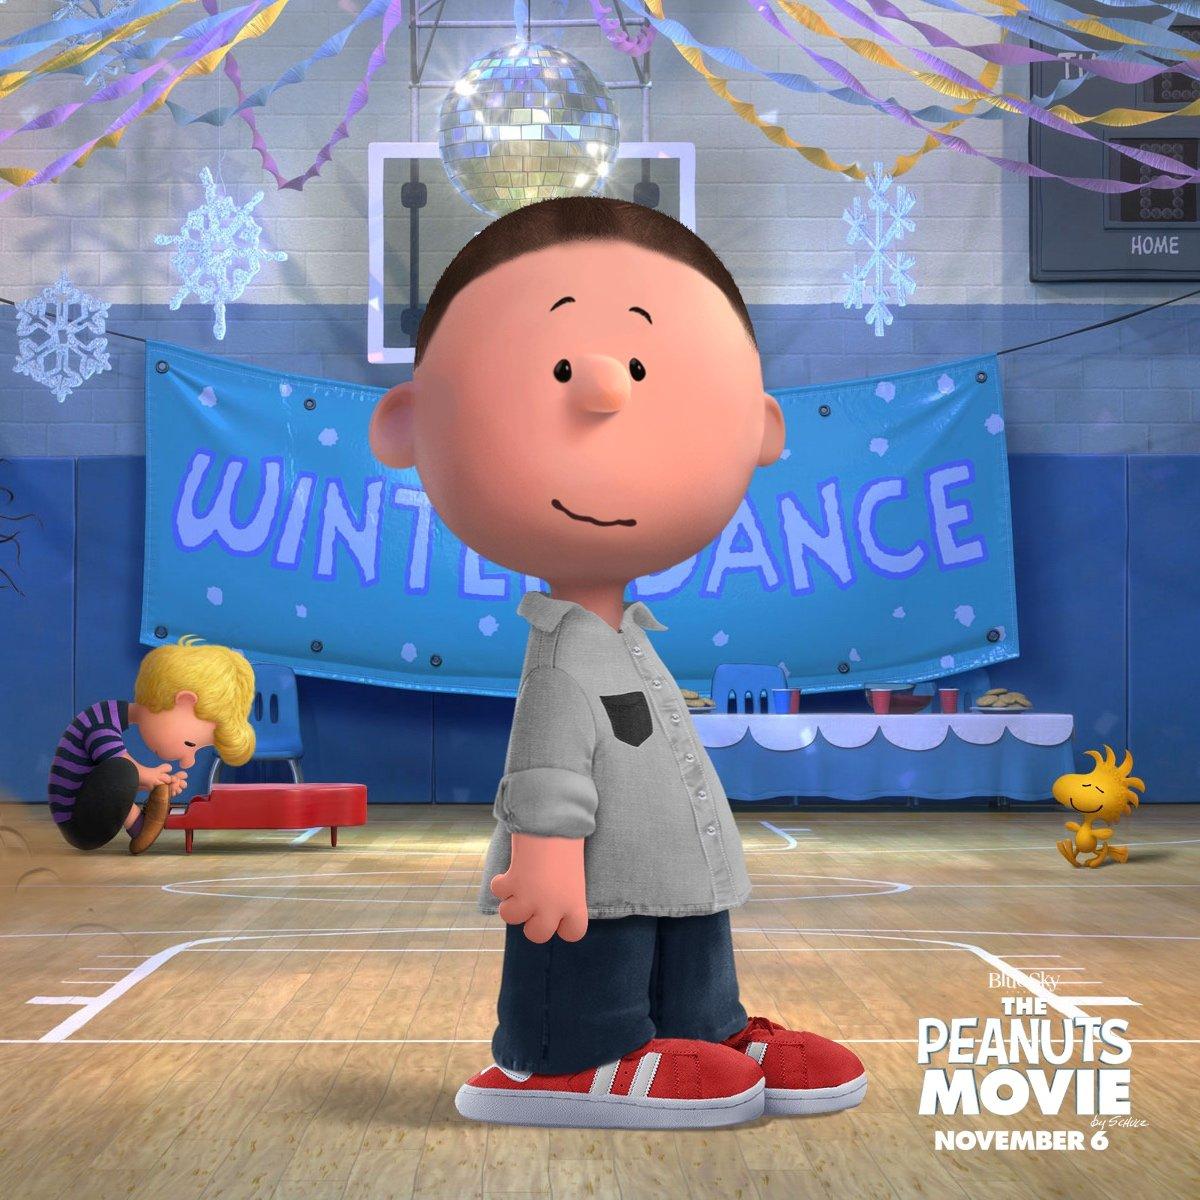 Förvandla dig själv till ett Charlie Brown-utseende med appen Peanutize Me på nätet.